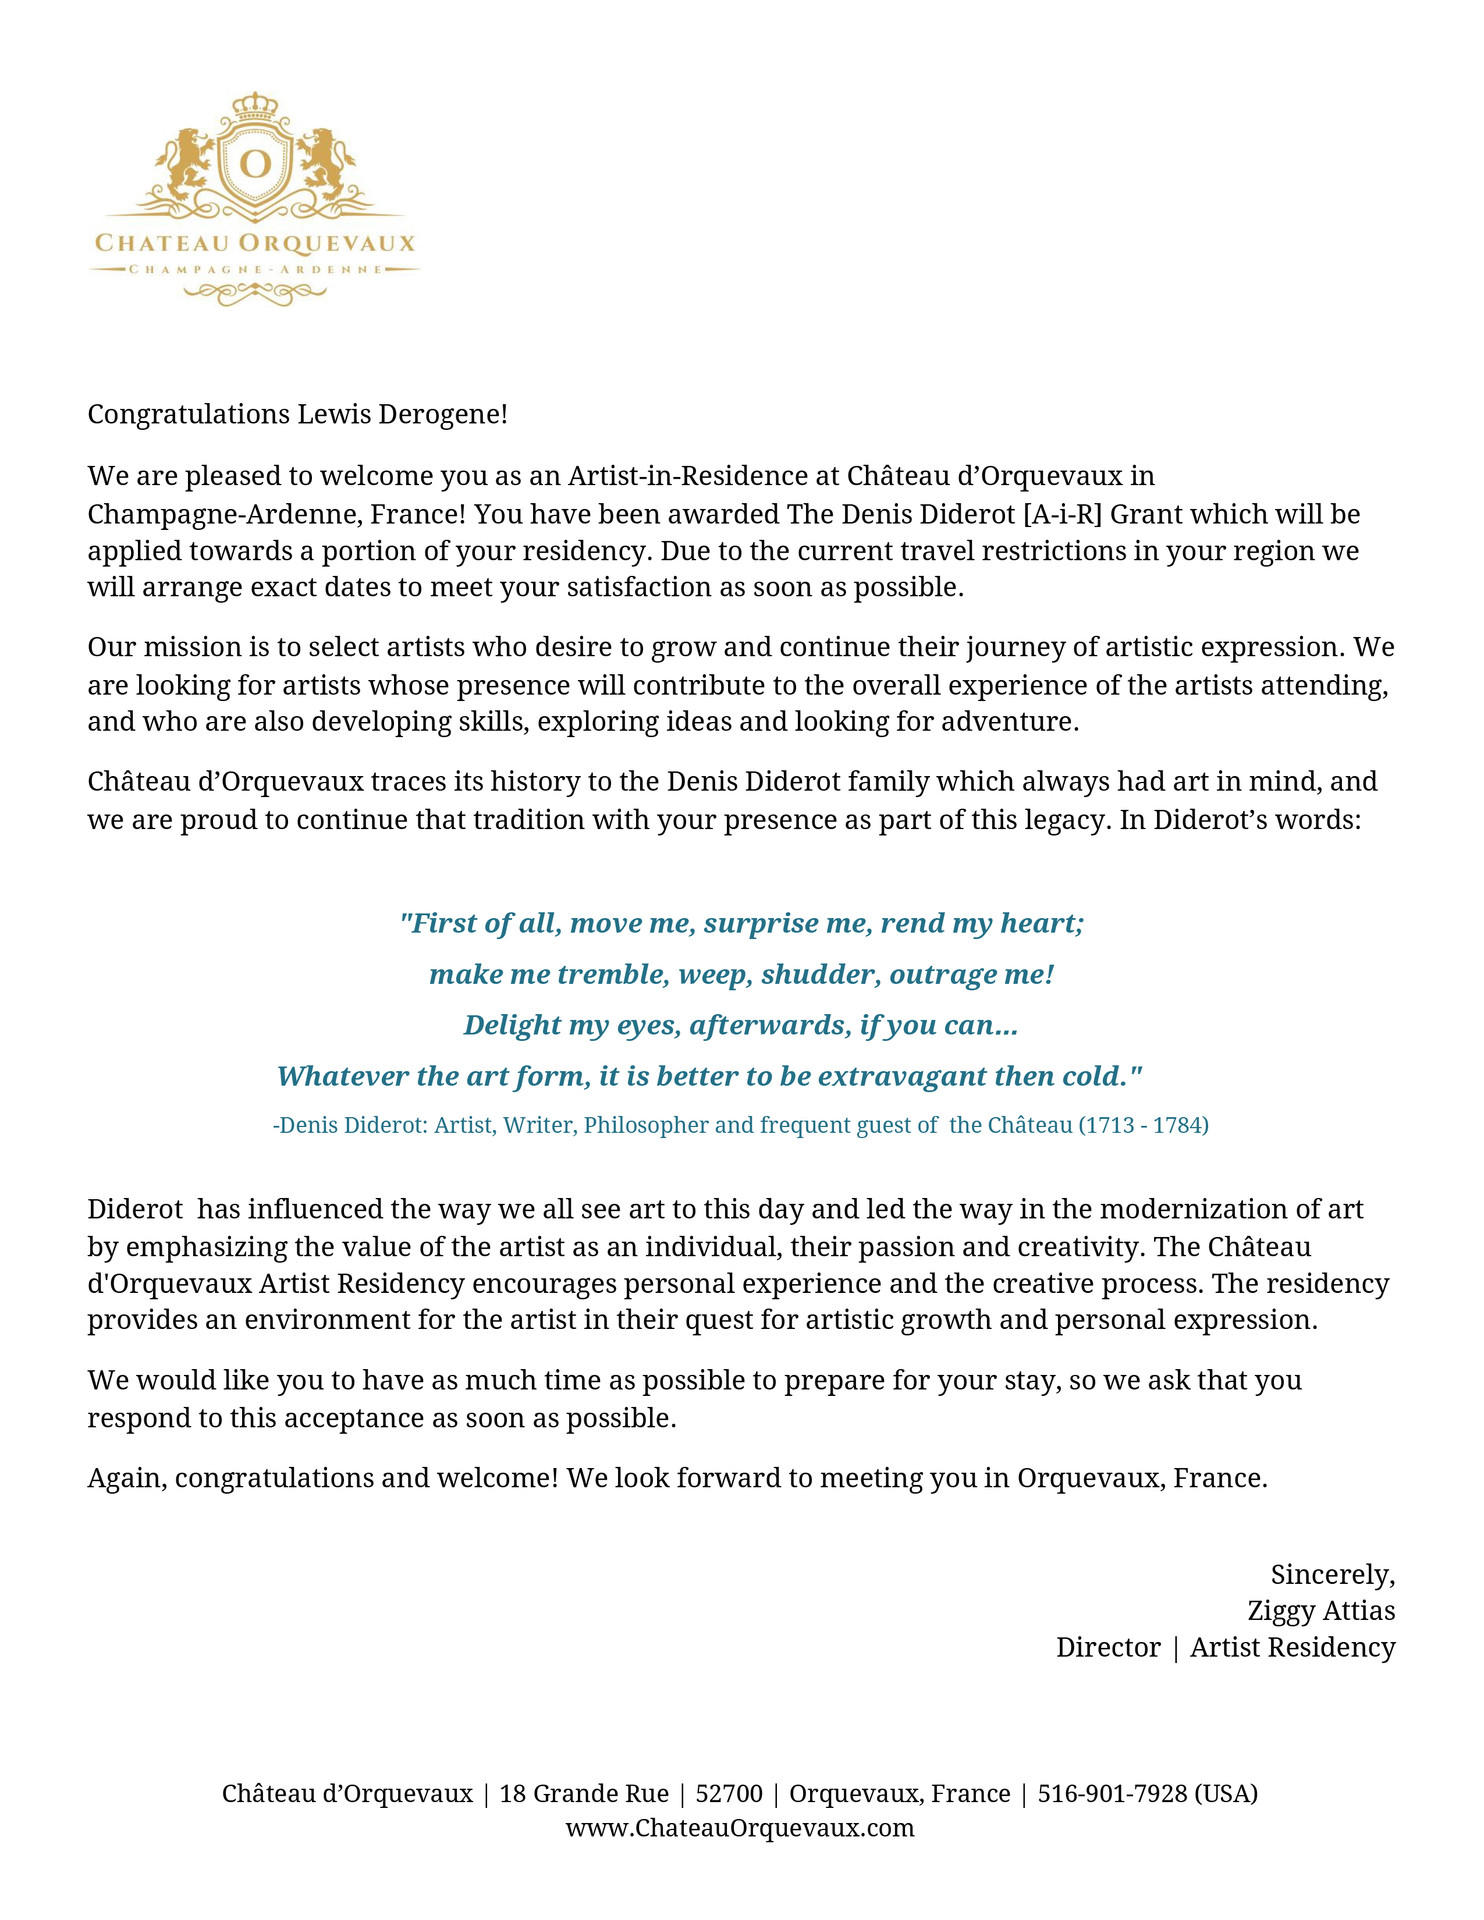 Acceptance Letter Lewis Derogene.jpg